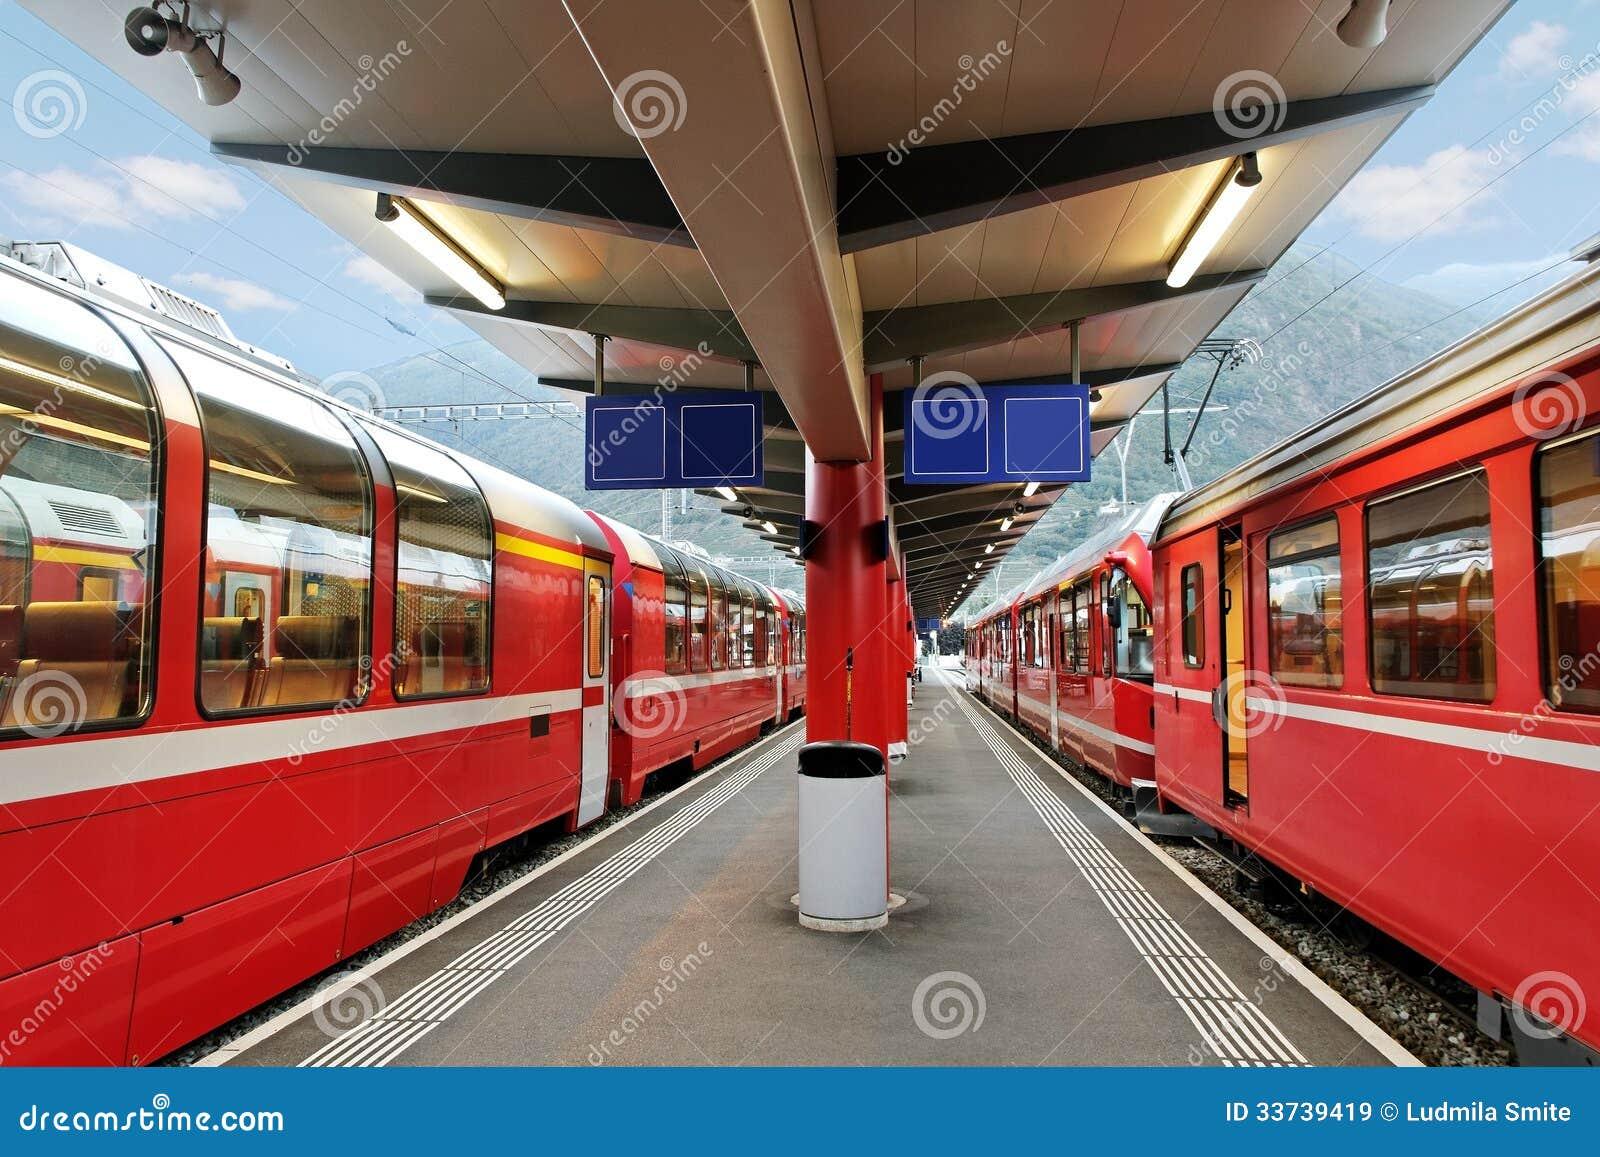 Поезда красного цвета.